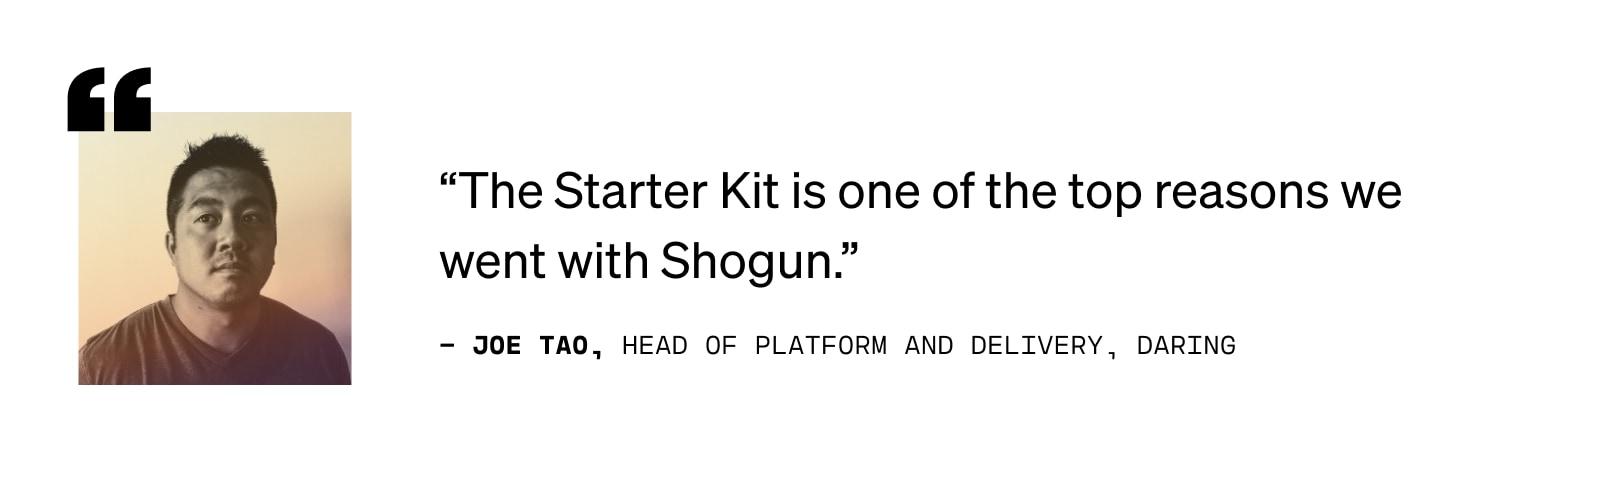 quote-from-joe-tao-of-daring